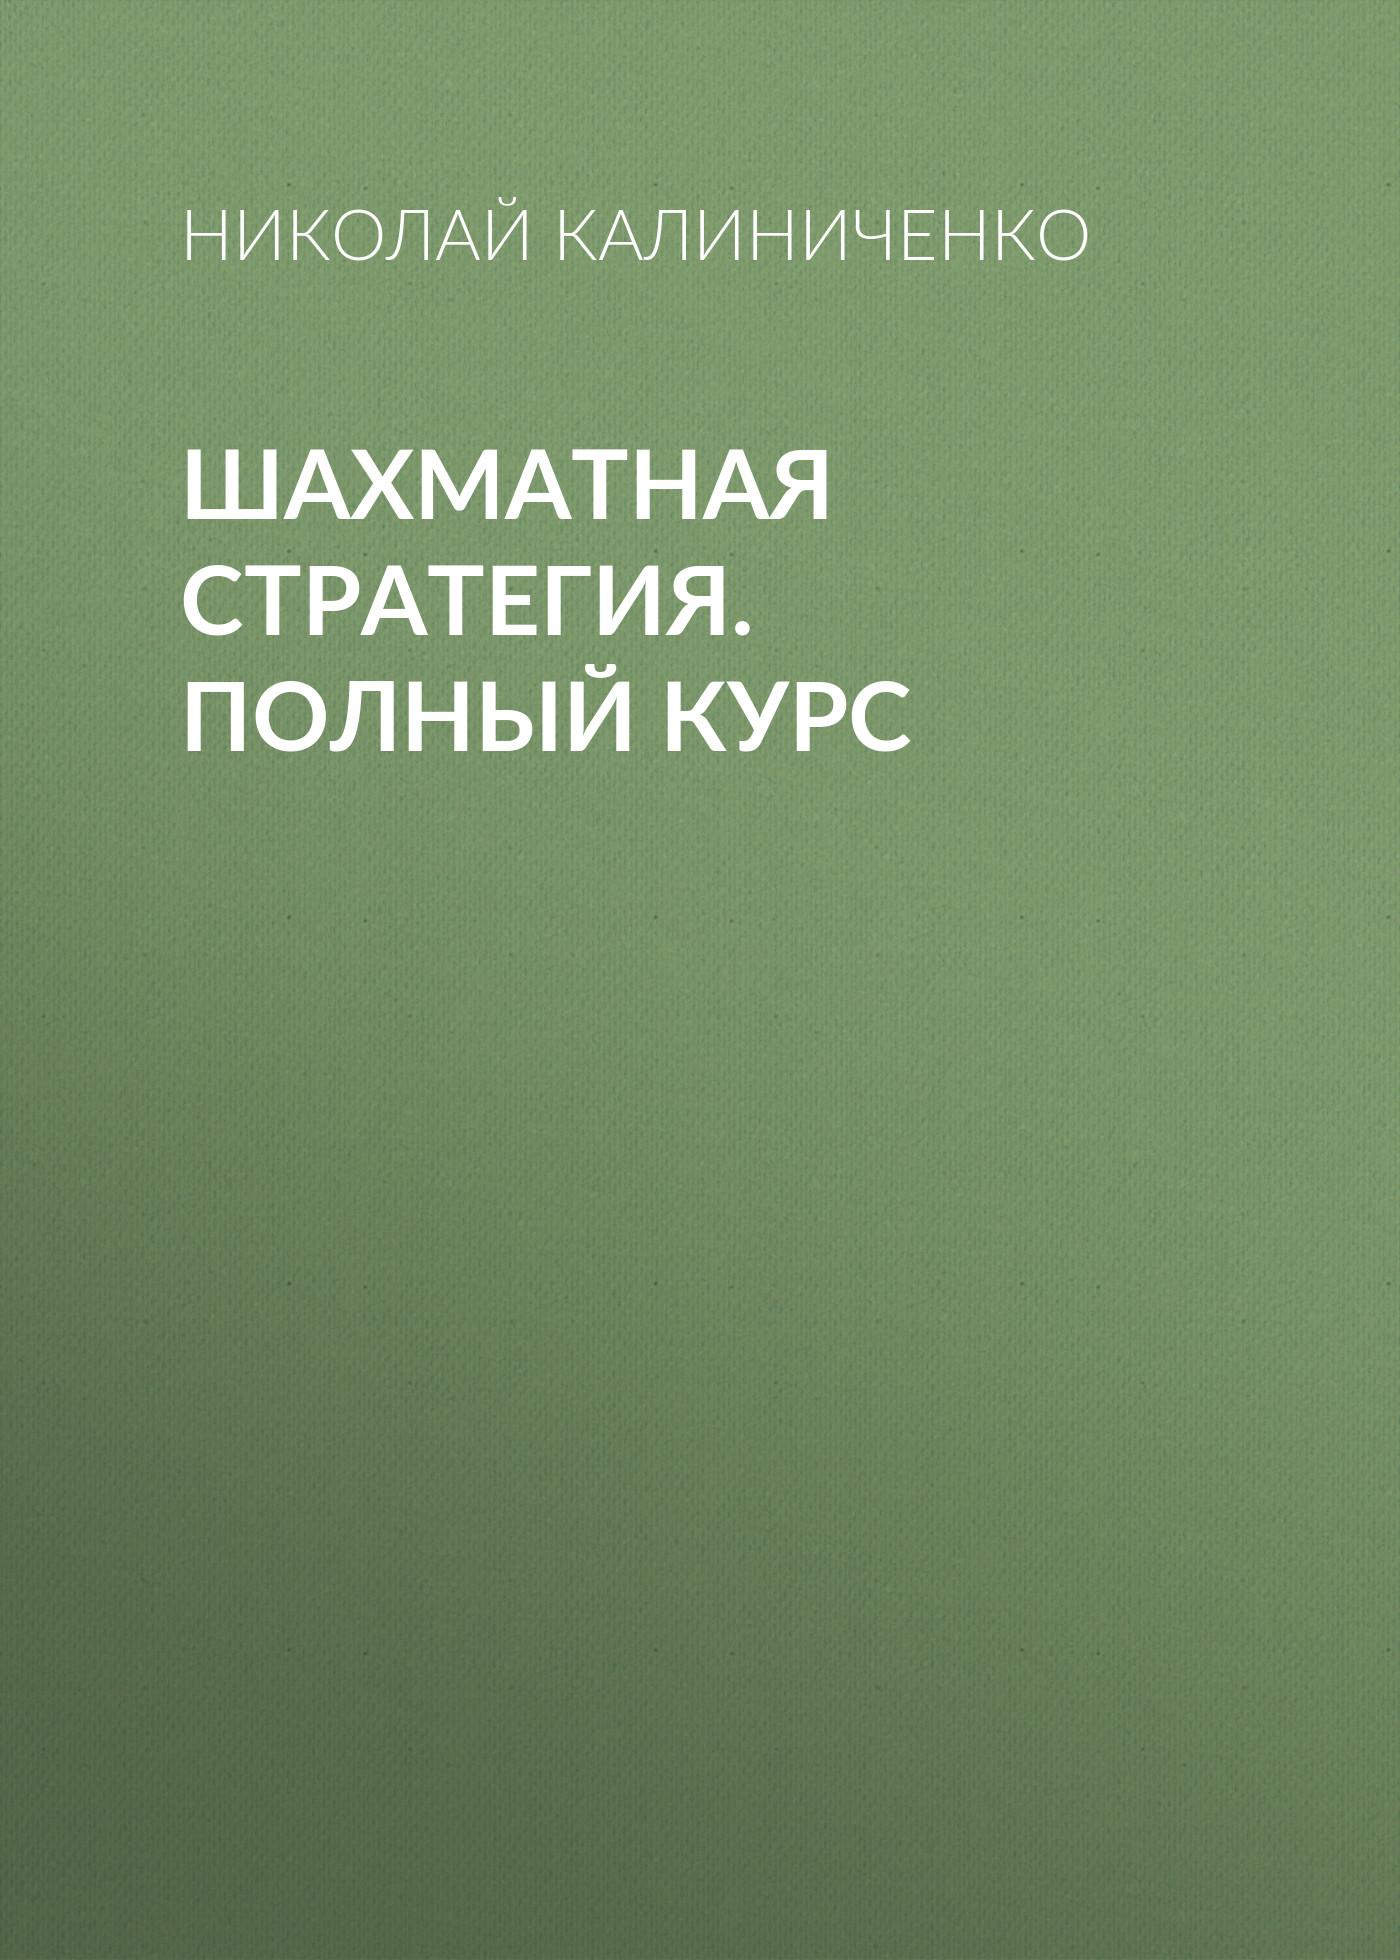 Николай Калиниченко Шахматная стратегия. Полный курс калиниченко н линдер в шахматы полный курс